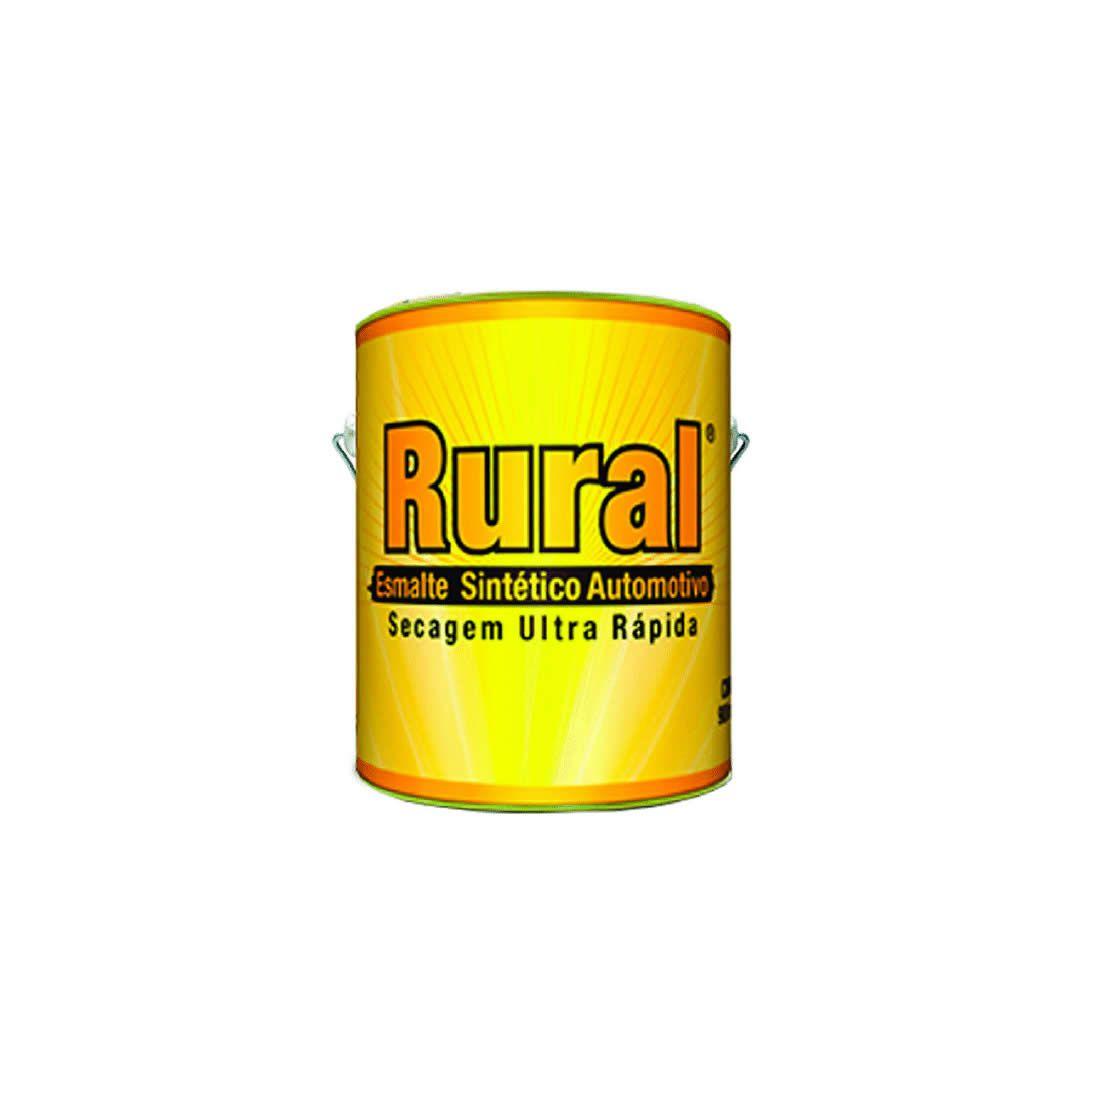 Esmalte Sintético Rural Secagem Ultra Rápido Cinza Gris Placa De Veiculos 3,6Lt